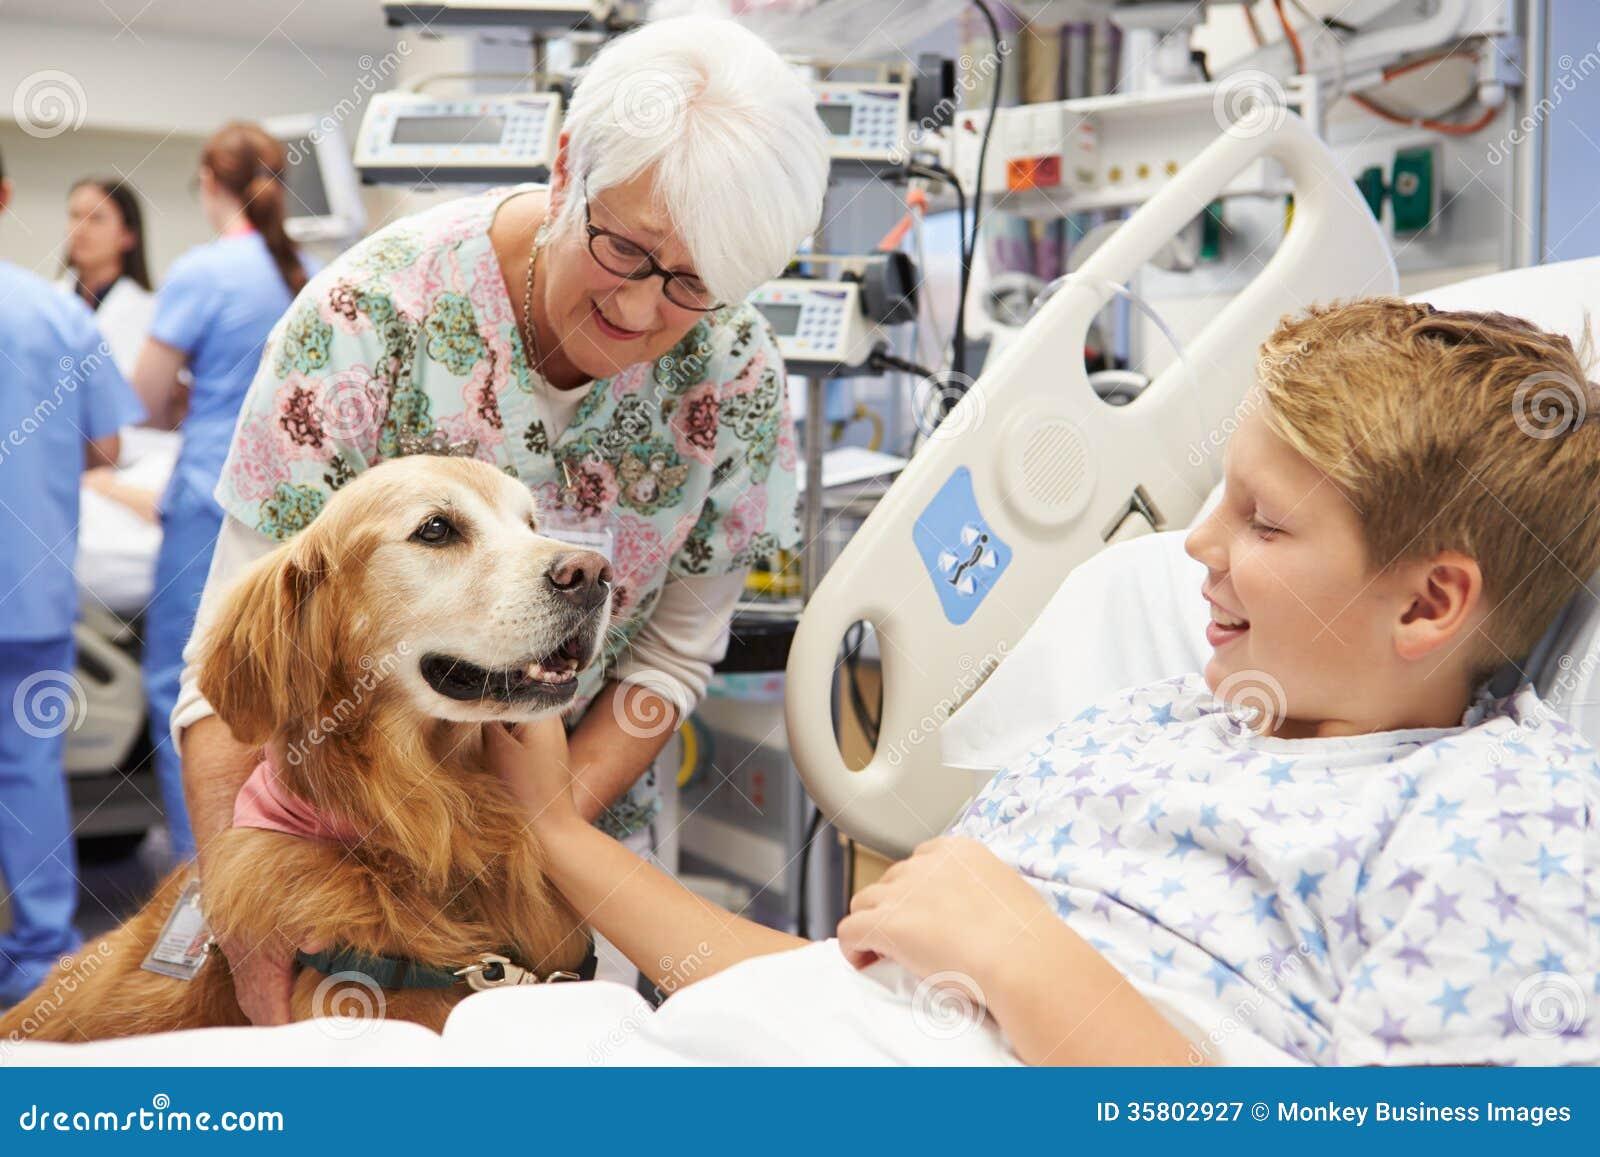 拜访年轻男性患者的疗法狗在医院